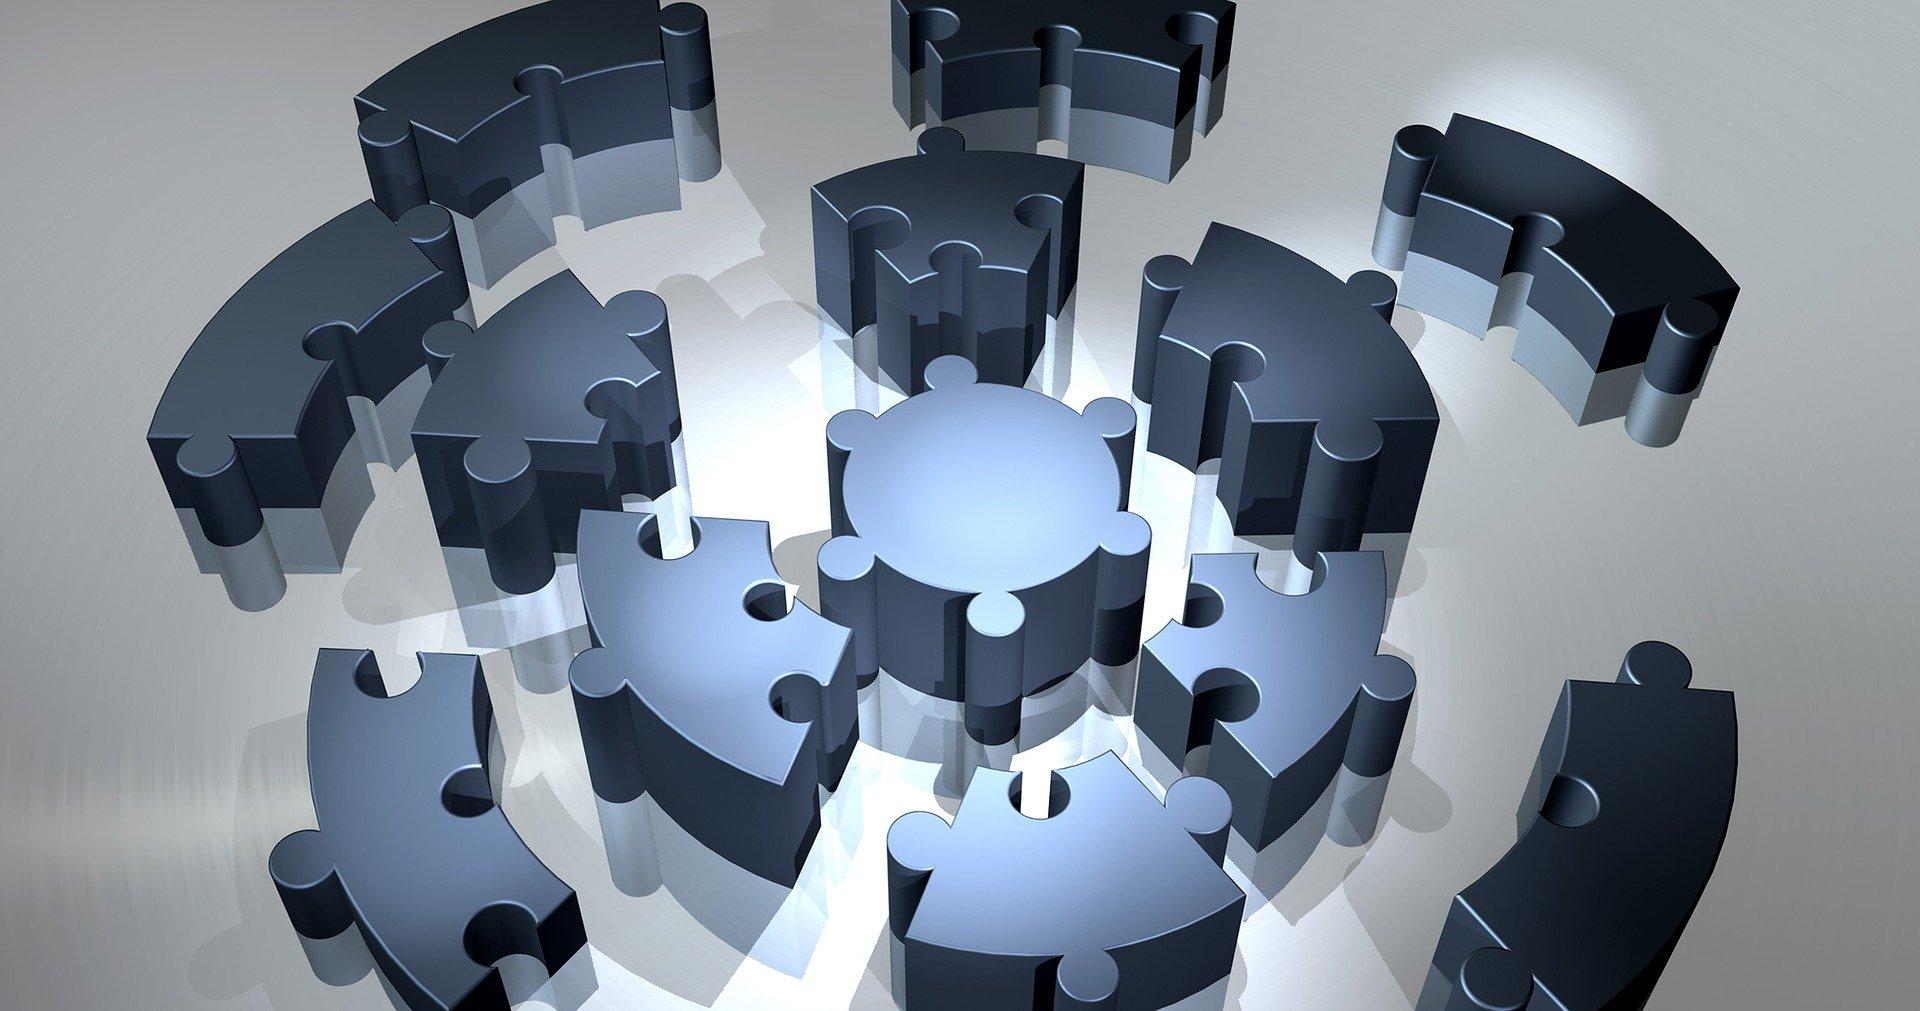 Ein kreisförmiges Puzzle